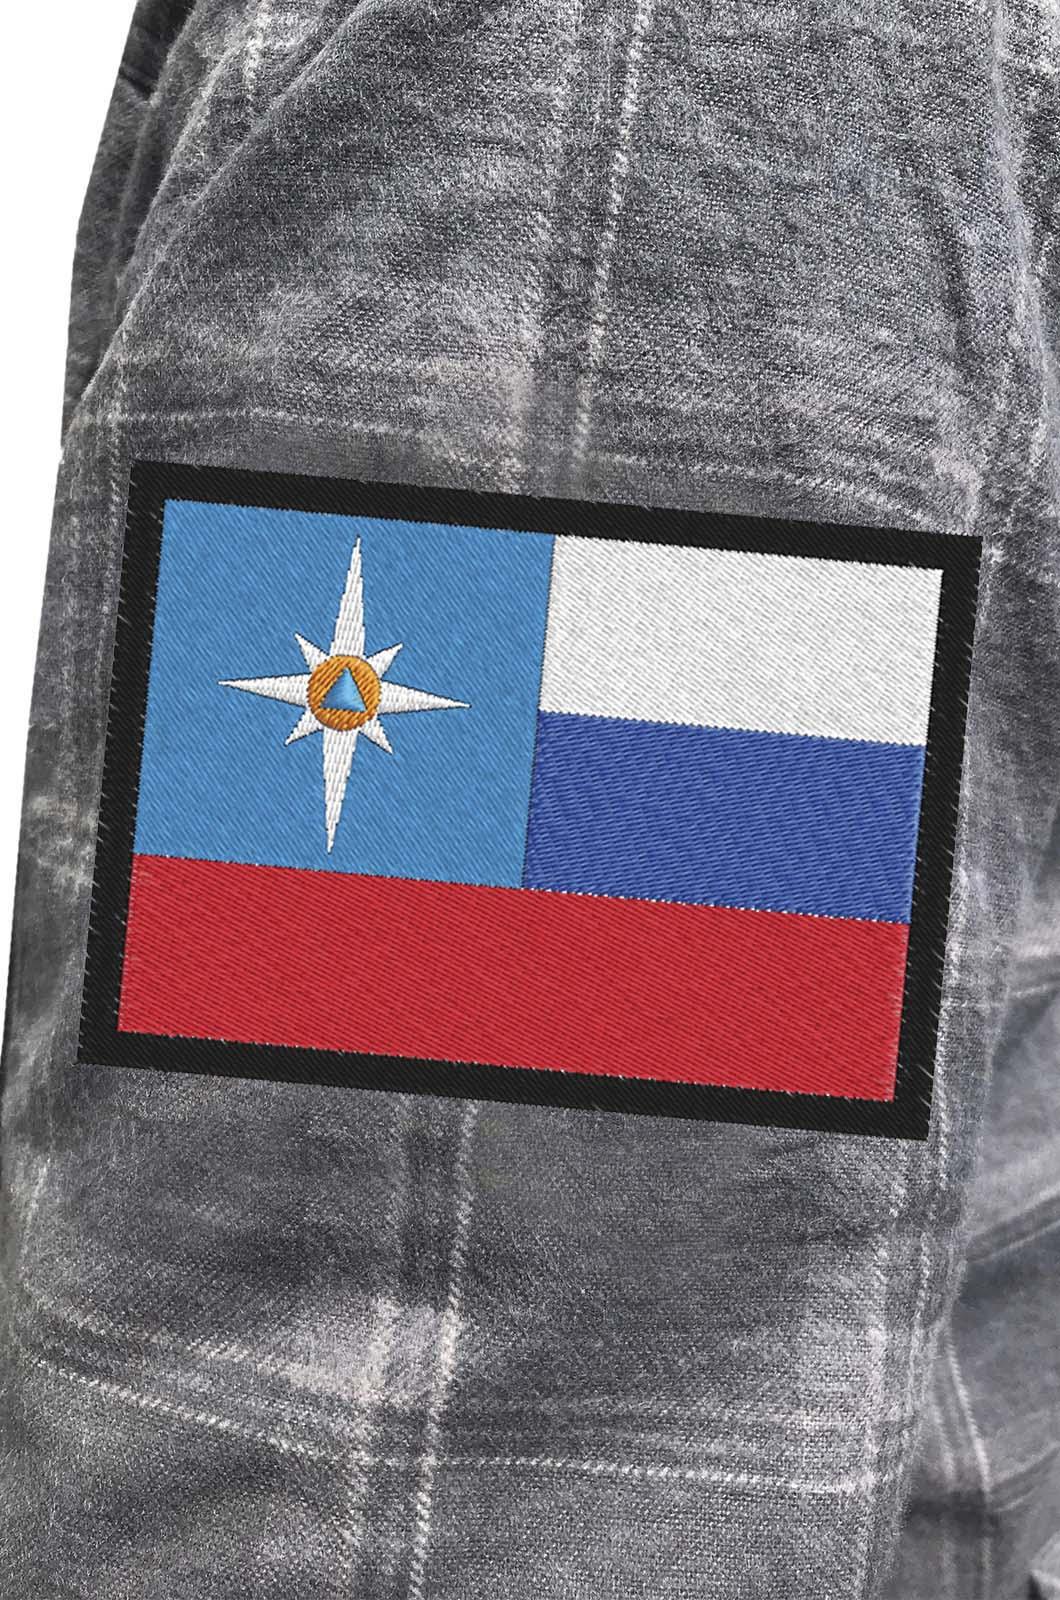 Мужская крутая рубашка с вышитым шевроном МЧС РФ - купить с доставкой